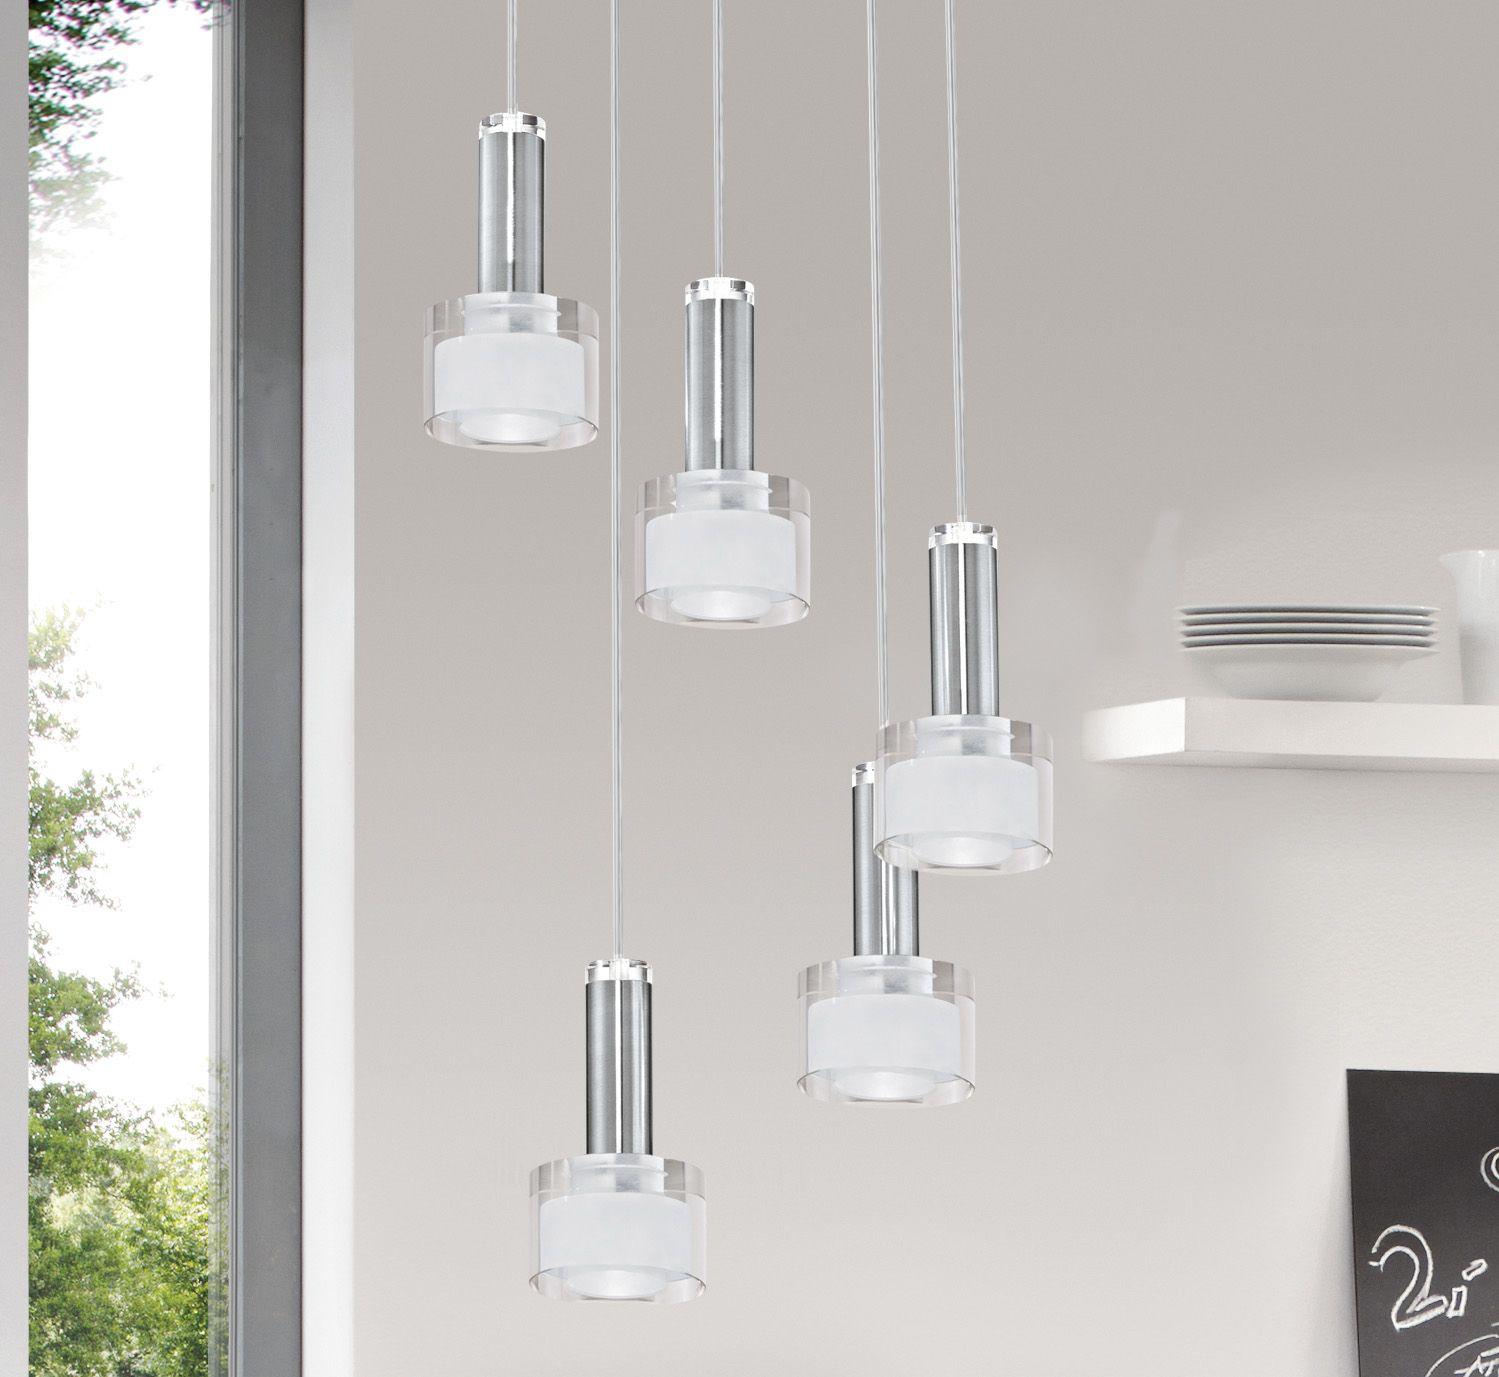 Amity 5l Pendant Brushed Chrome: Eglo Lighting / Fabiana / LED Polished Chrome 5 Lamp Round